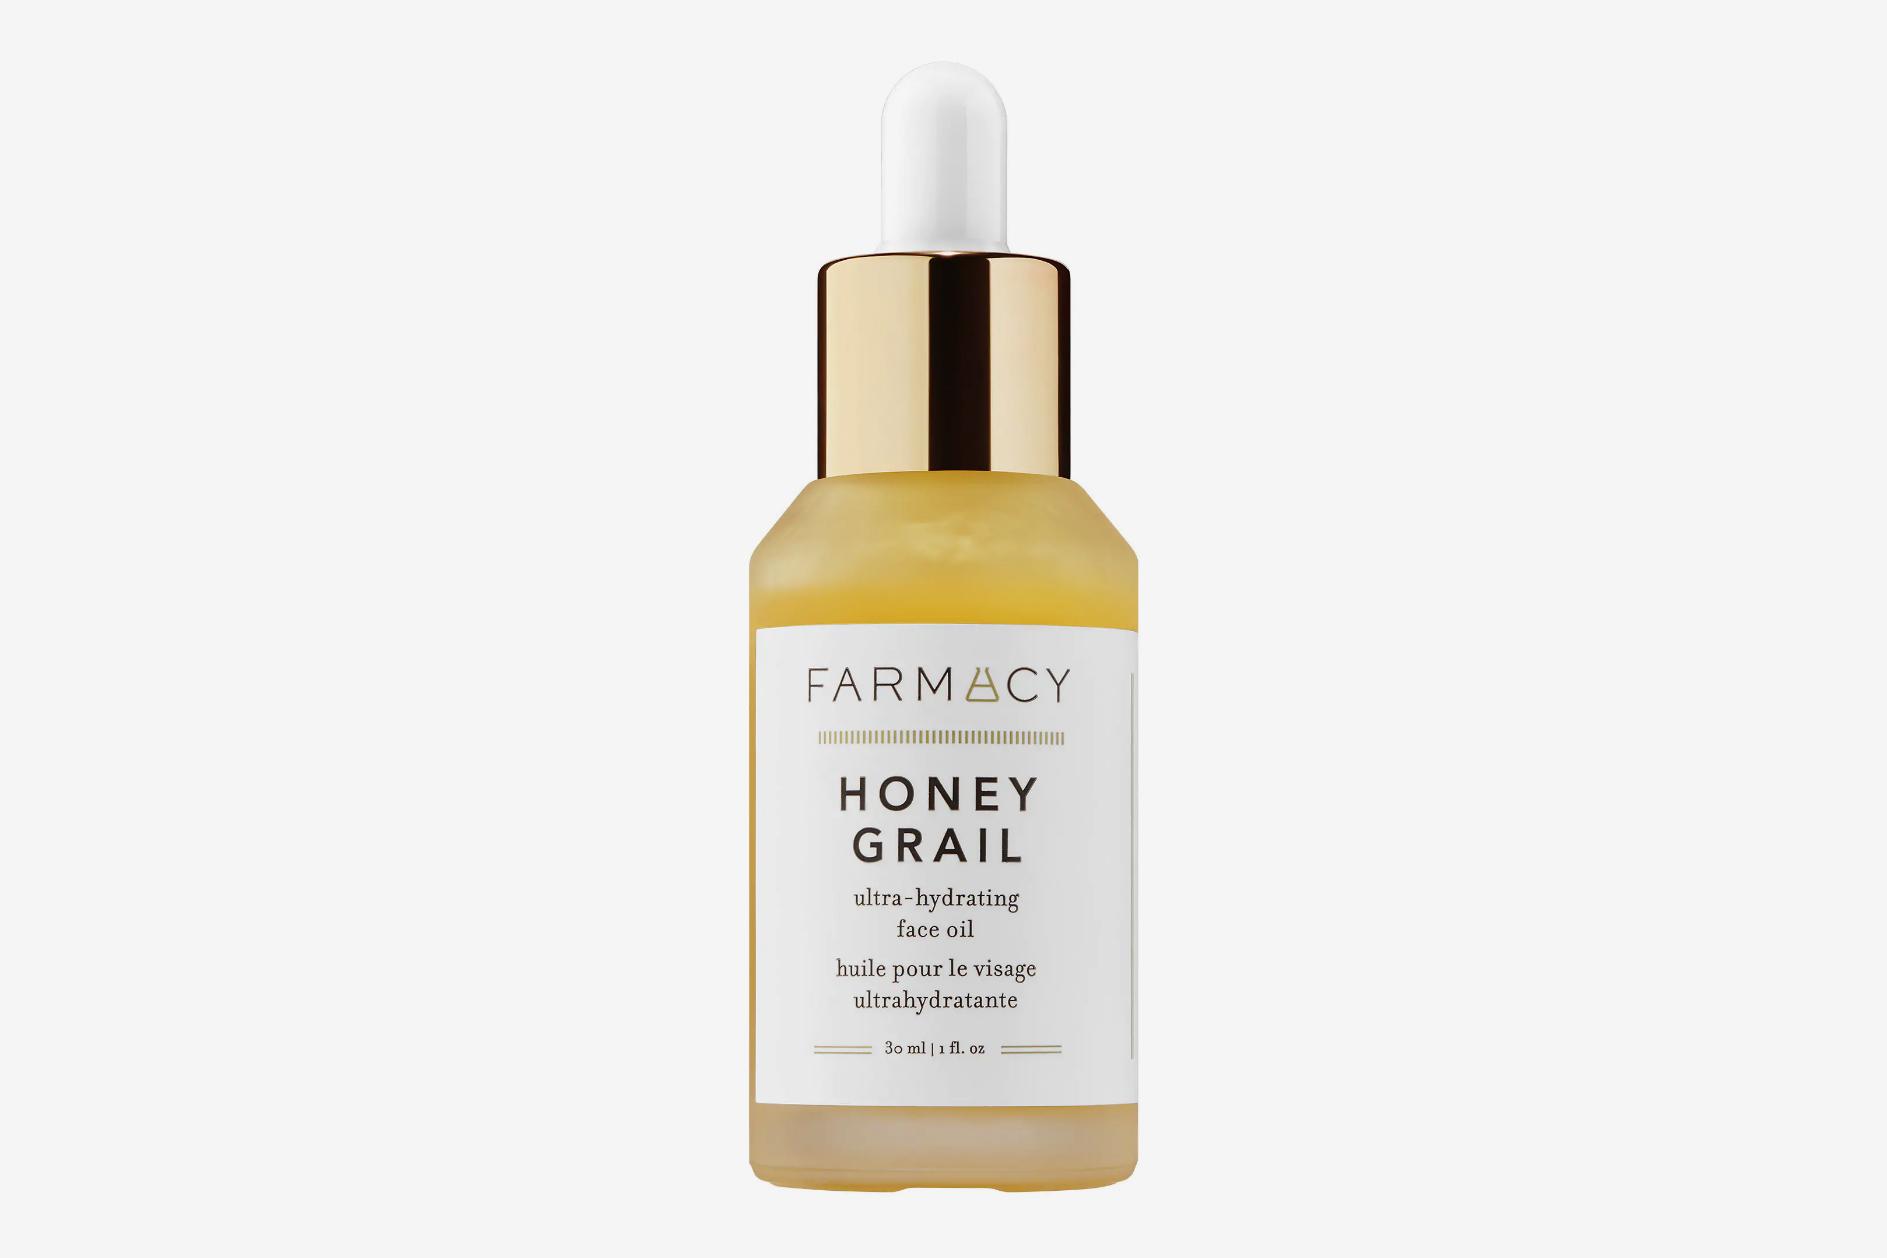 Huile de soin ultra-hydratante au miel et au graal Farmacy